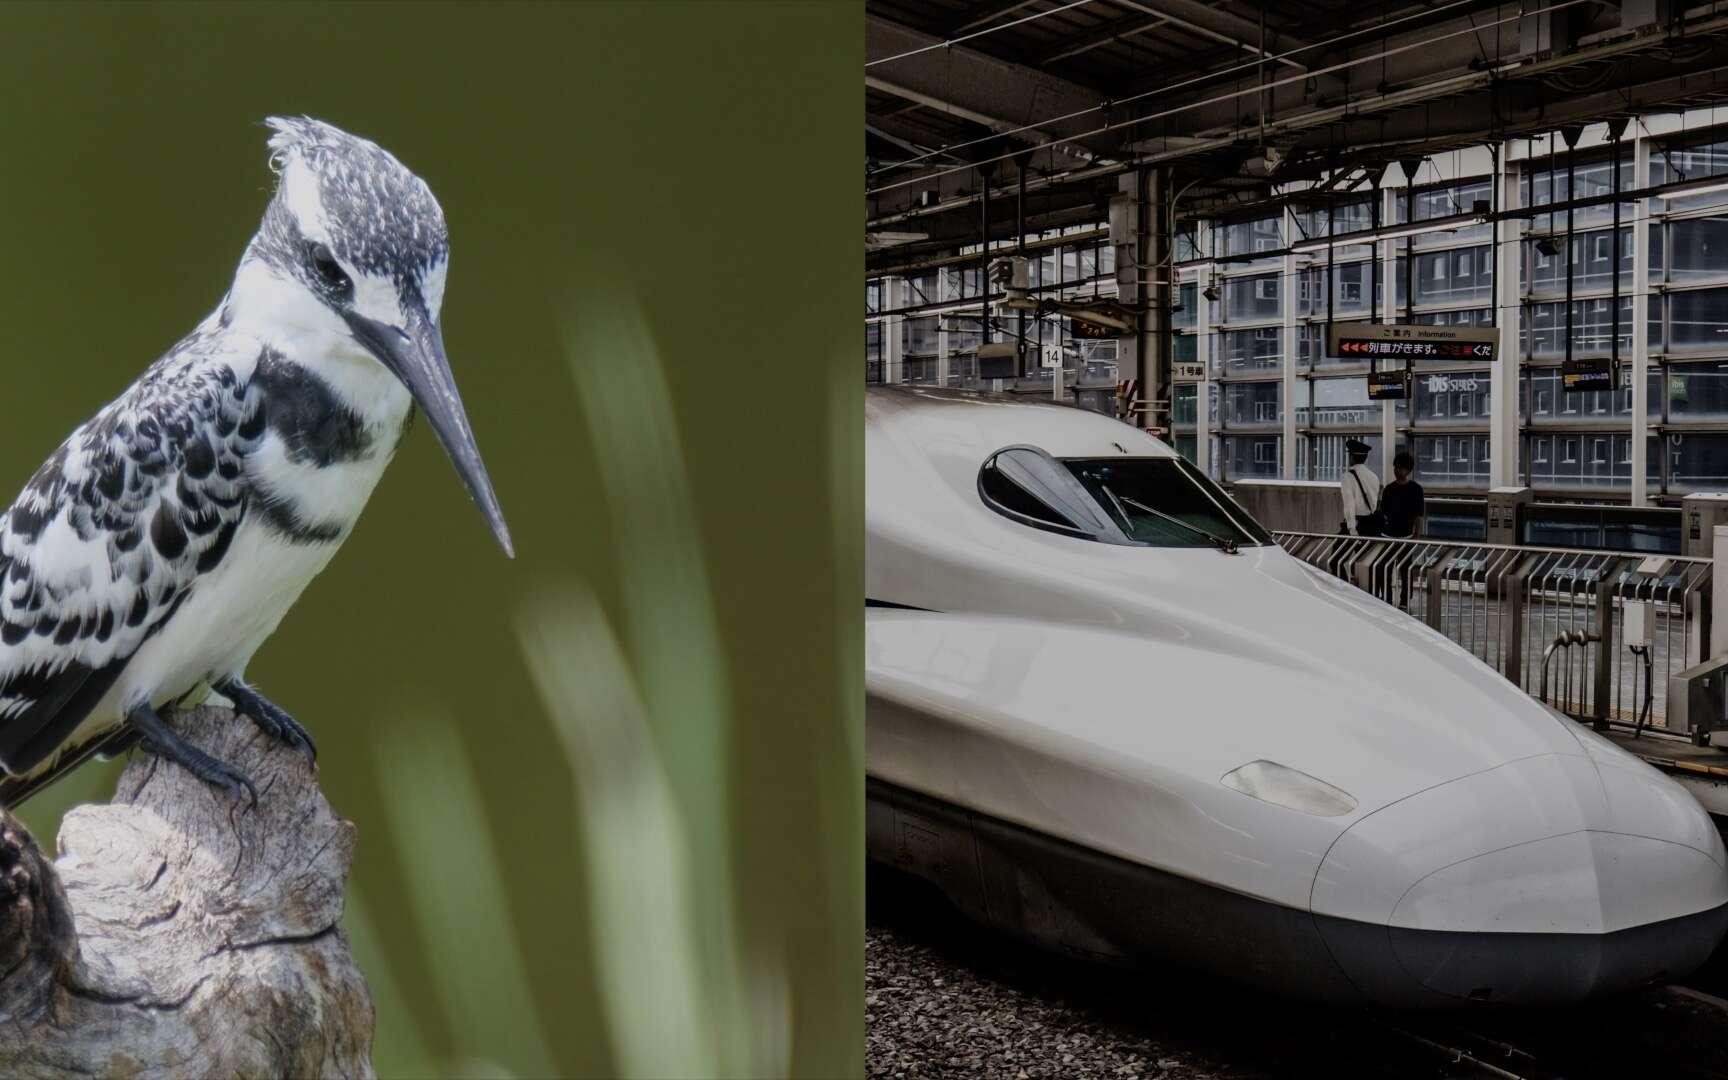 Le nez du Shinkansen est comparé au bec du martin pêcheur